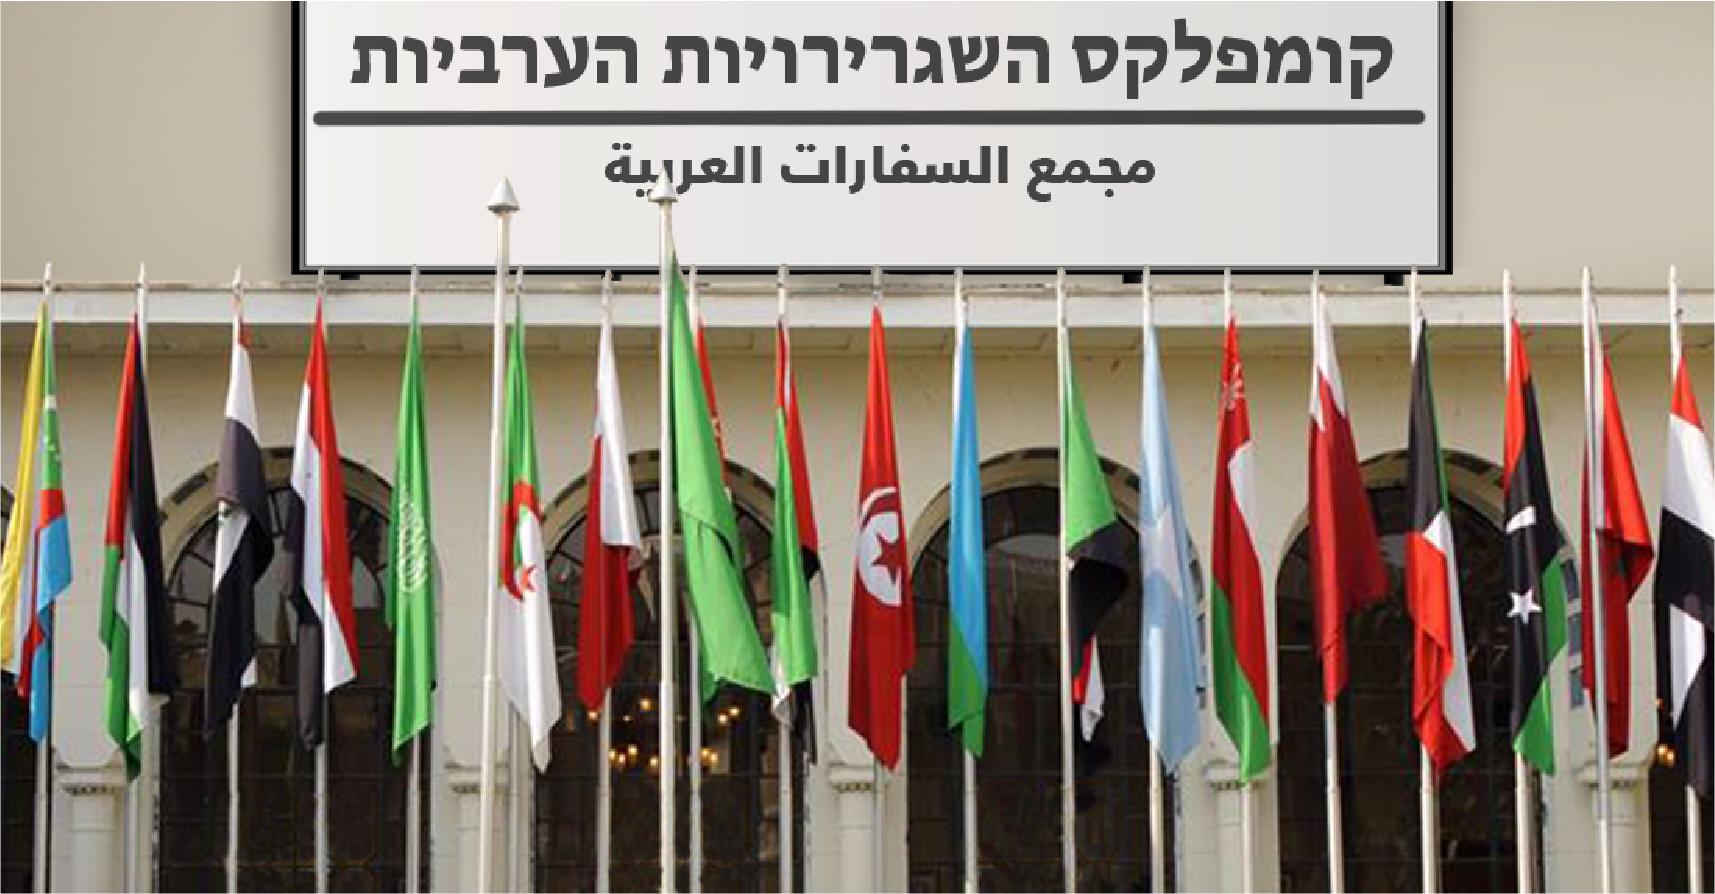 صورة مجلس النواب المصري يدعو لعزل الولايات المتحدة